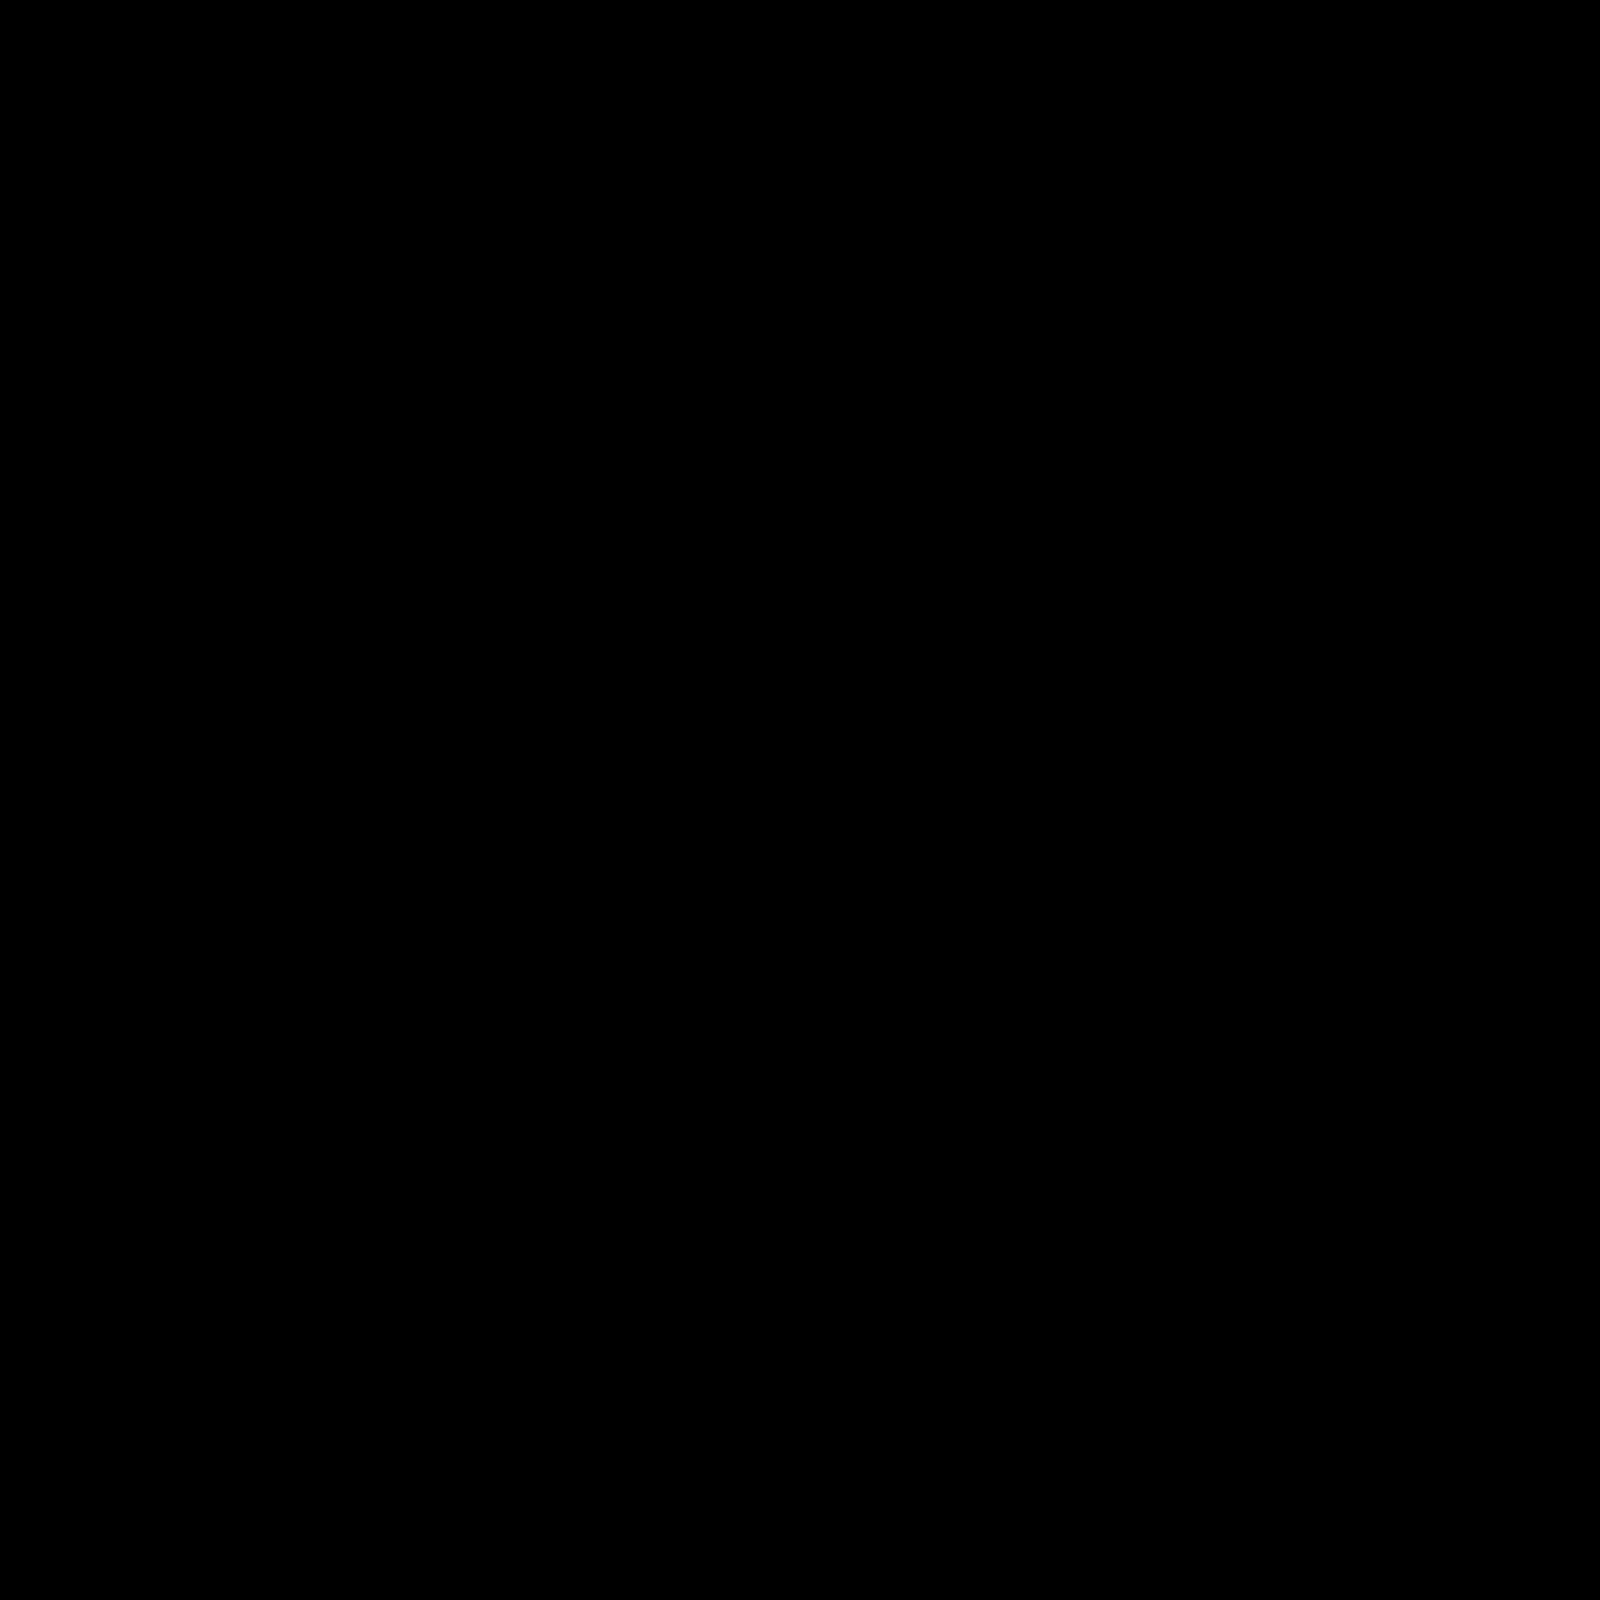 Stojak na jajka icon